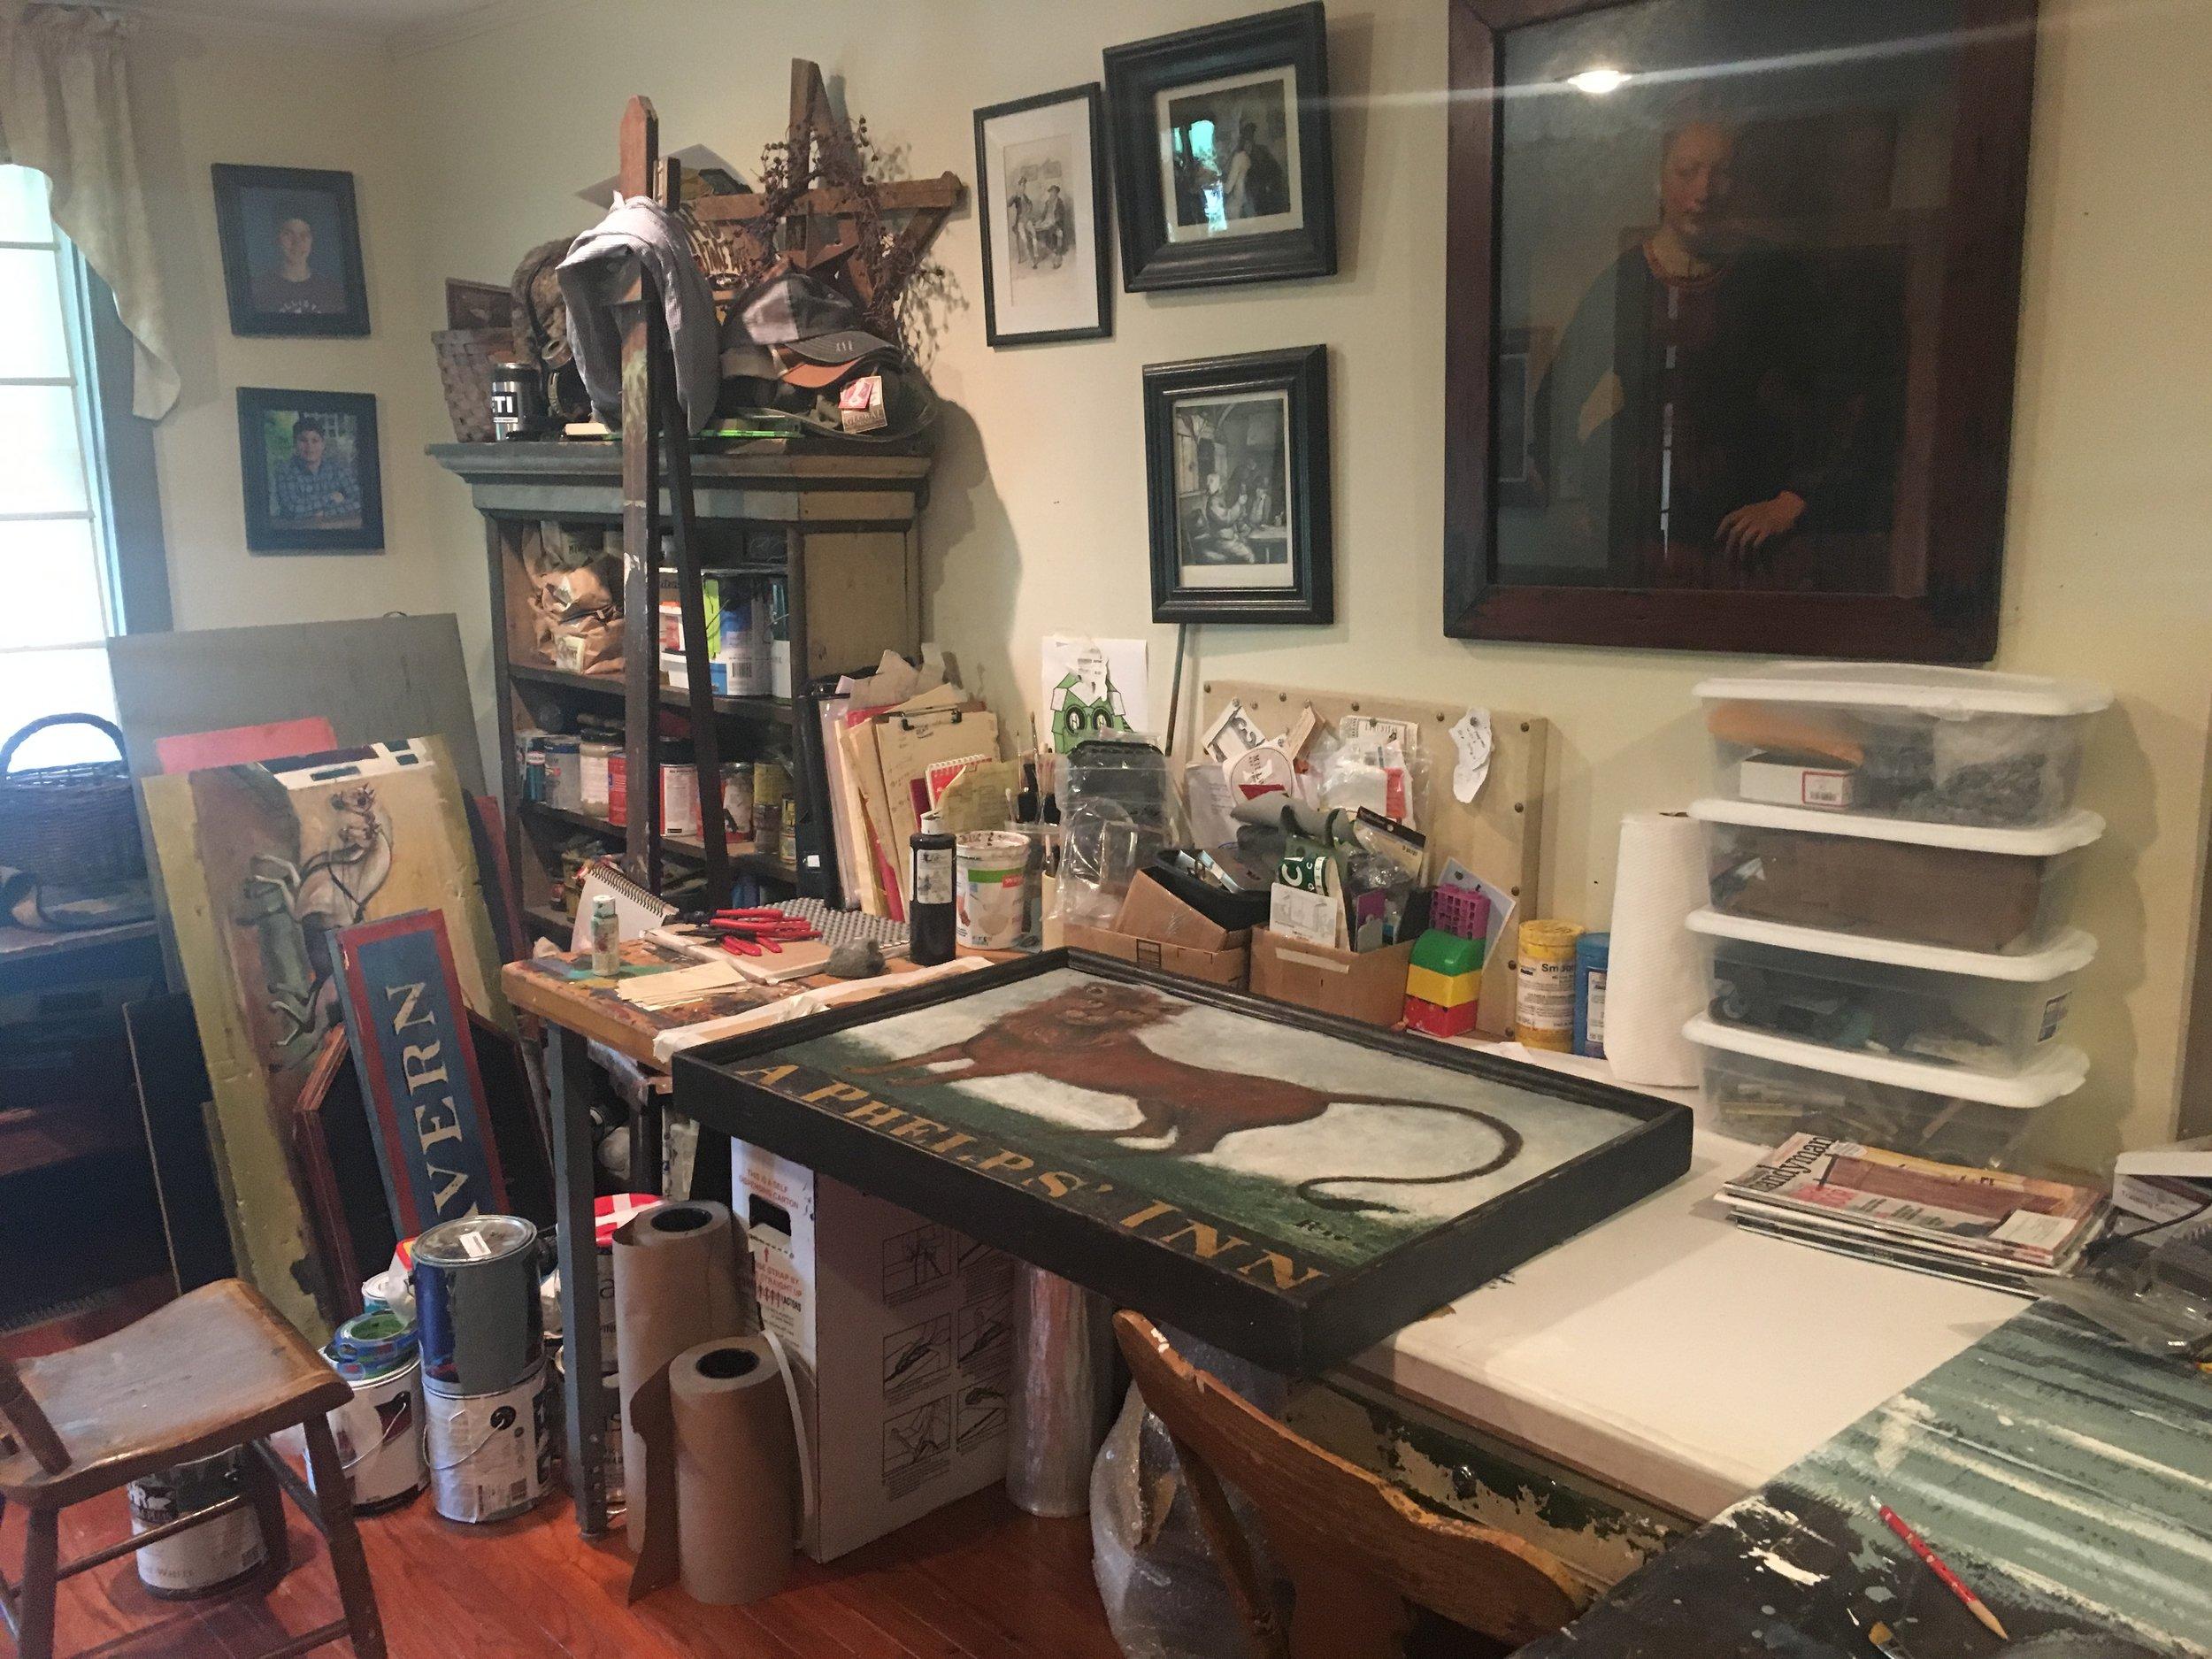 colonial american sign company_studio_in progress